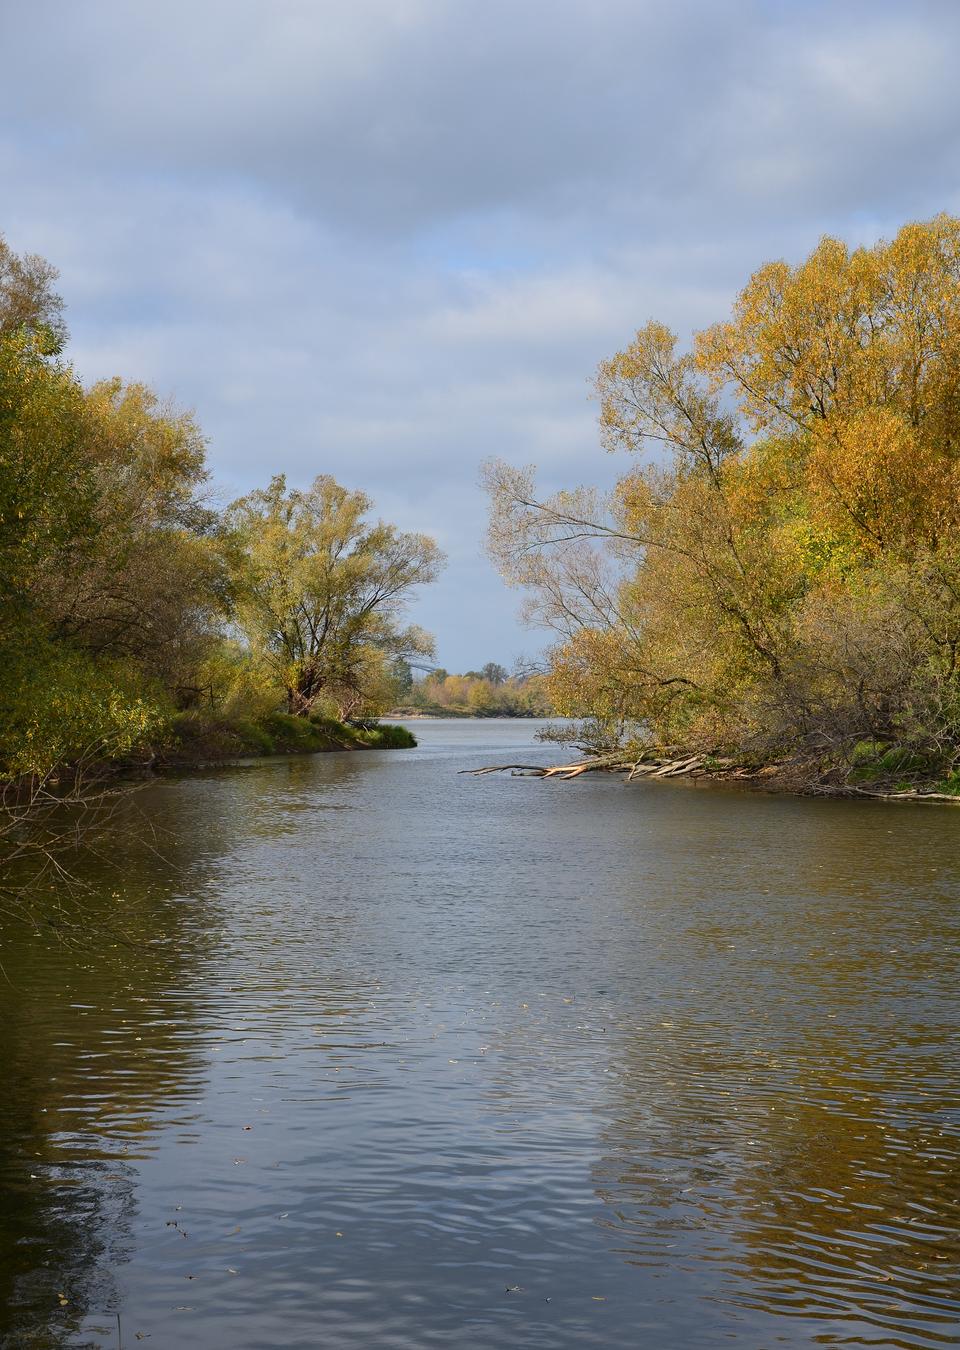 Fotografia przedstawia ujście rzeki Drwęcy, po bokach którego rosną drzewa